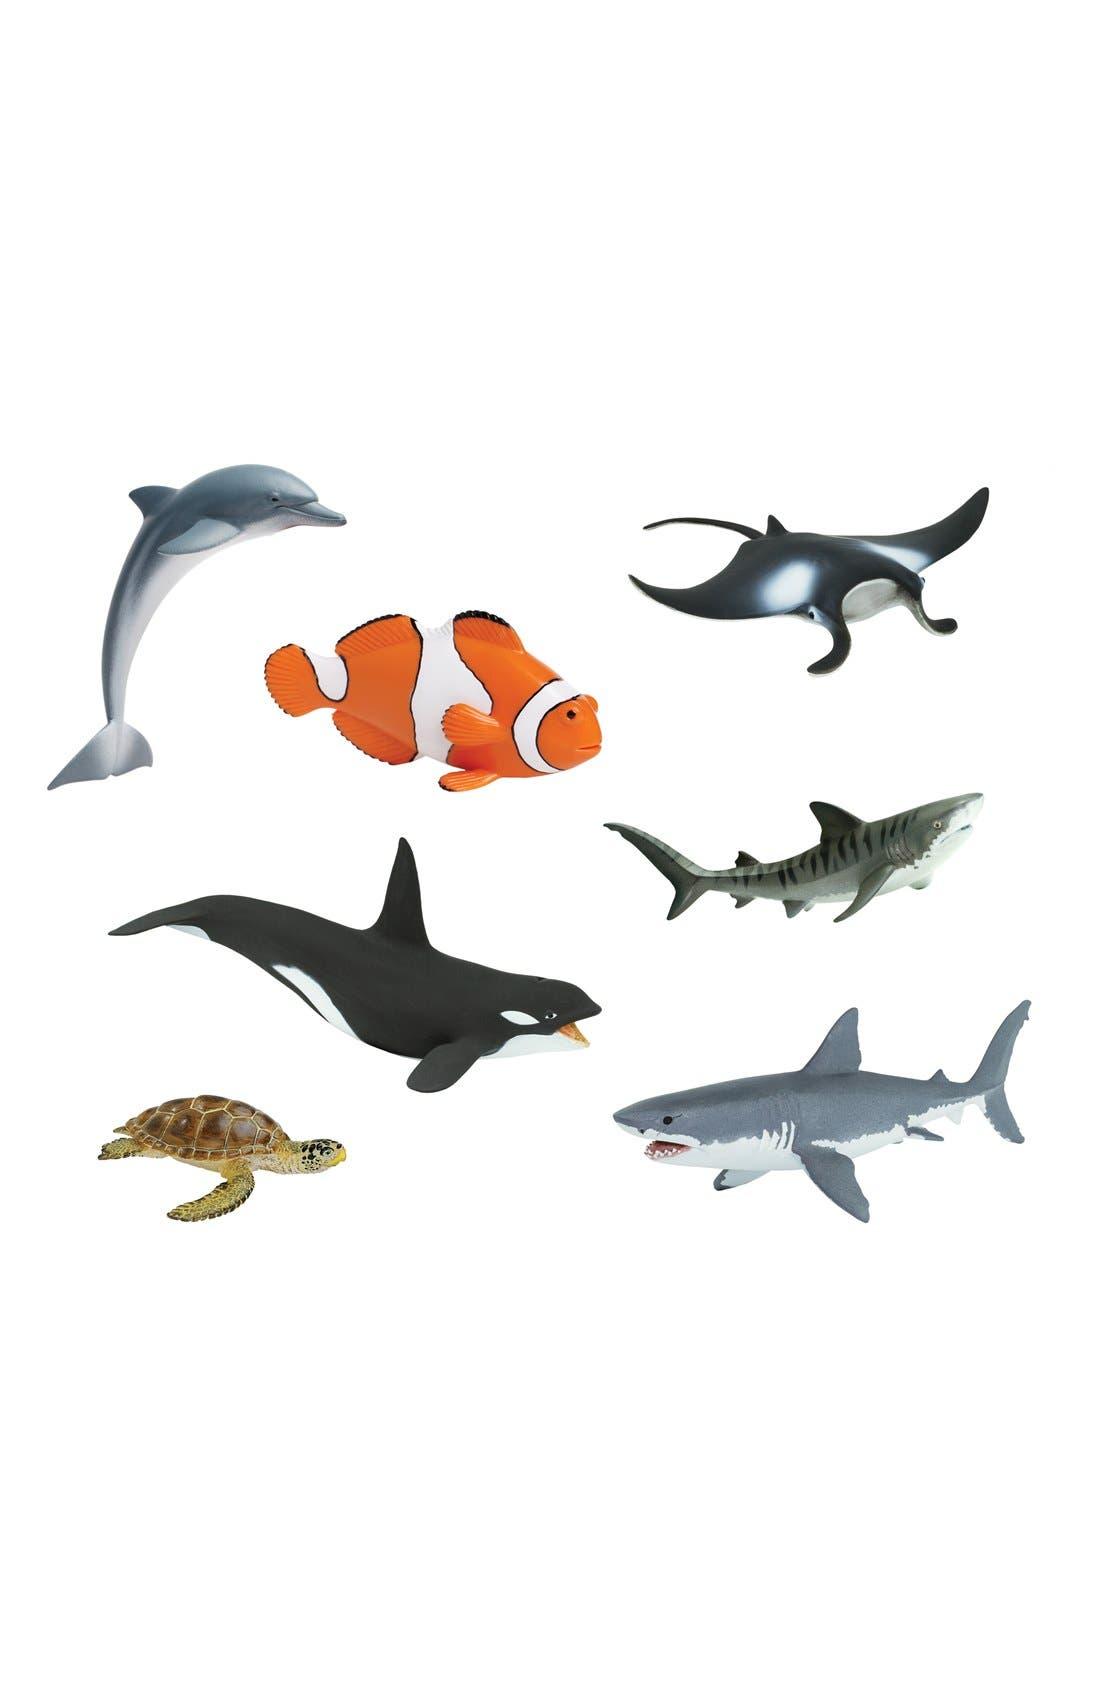 SAFARI LTD. Sea Life Figurines, Main, color, 430